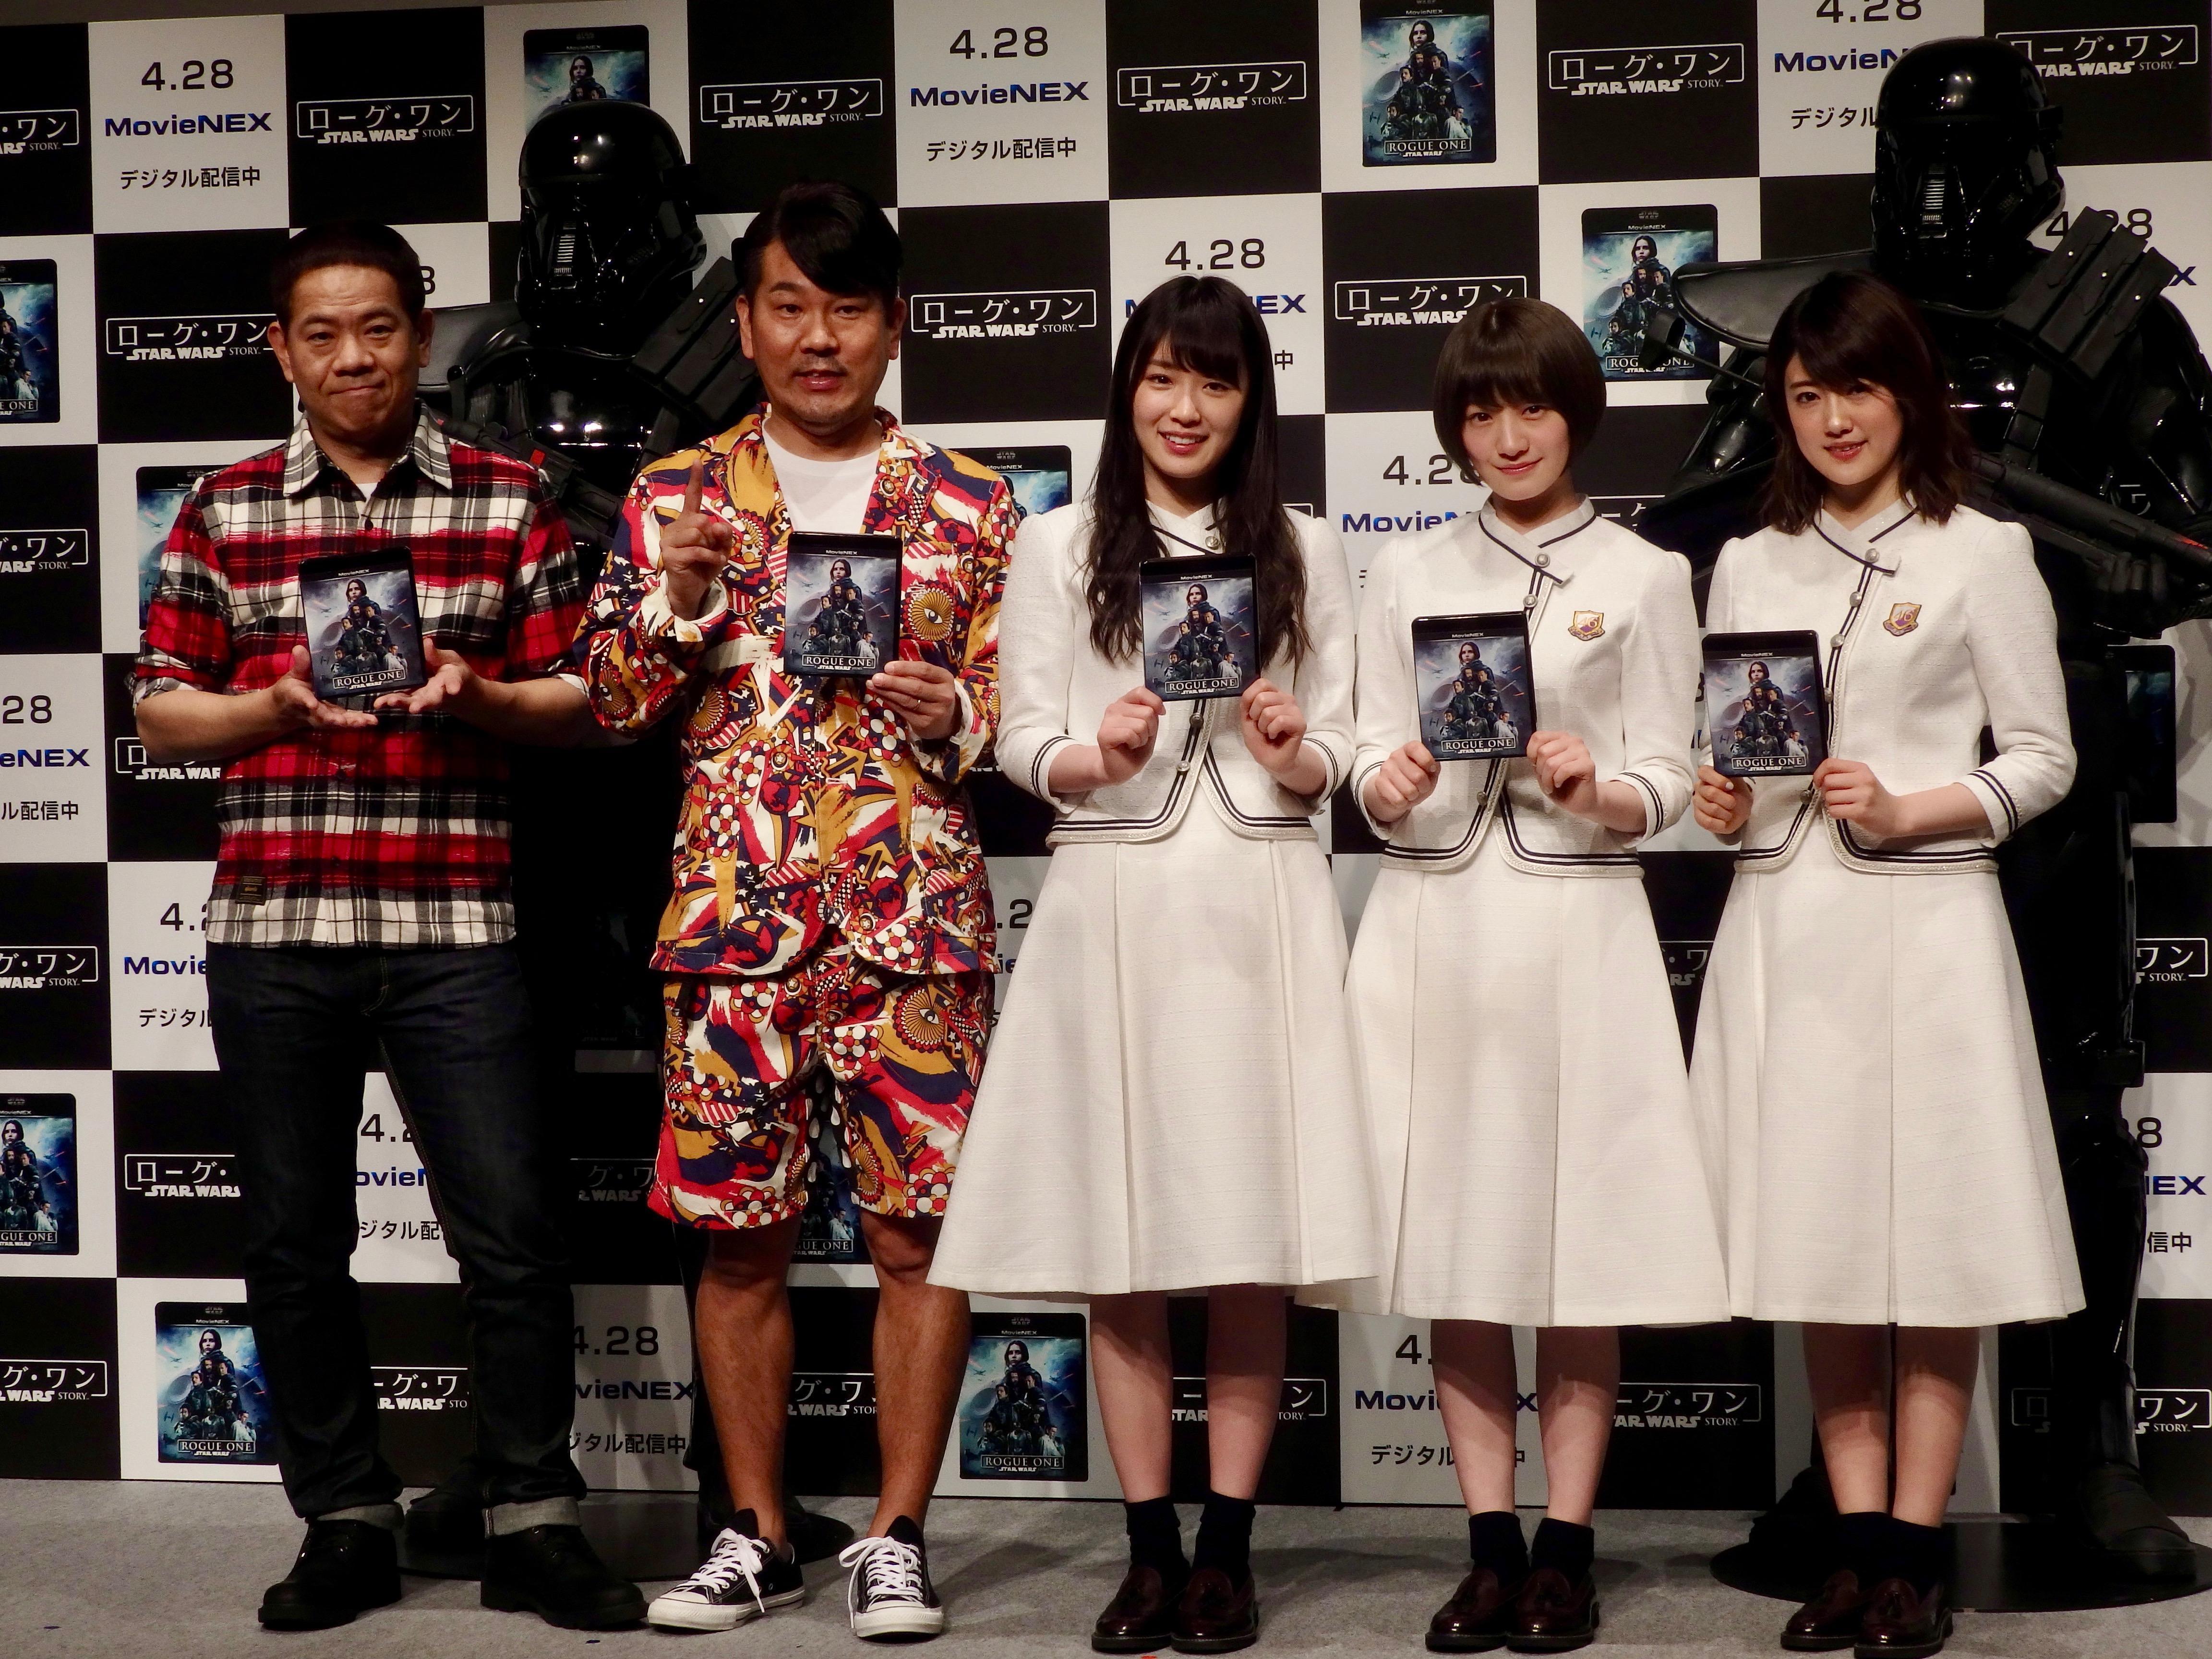 http://news.yoshimoto.co.jp/20170427235124-a9912eaa40fb766818e1cc49d0d7eac02637e986.jpg